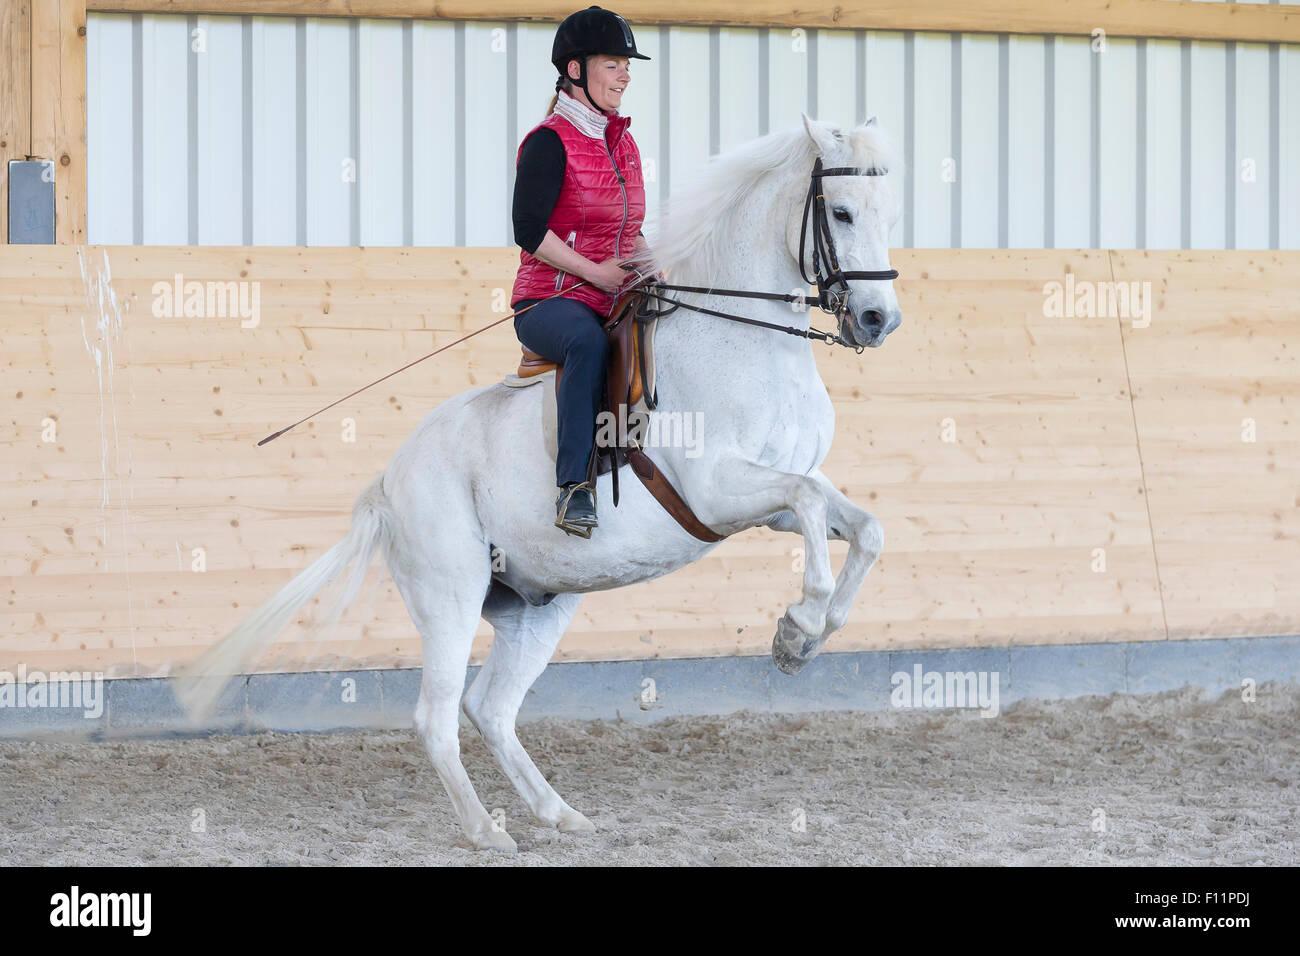 Équitation allemande Rider Poney poney blanc effectuer pesade Photo Stock